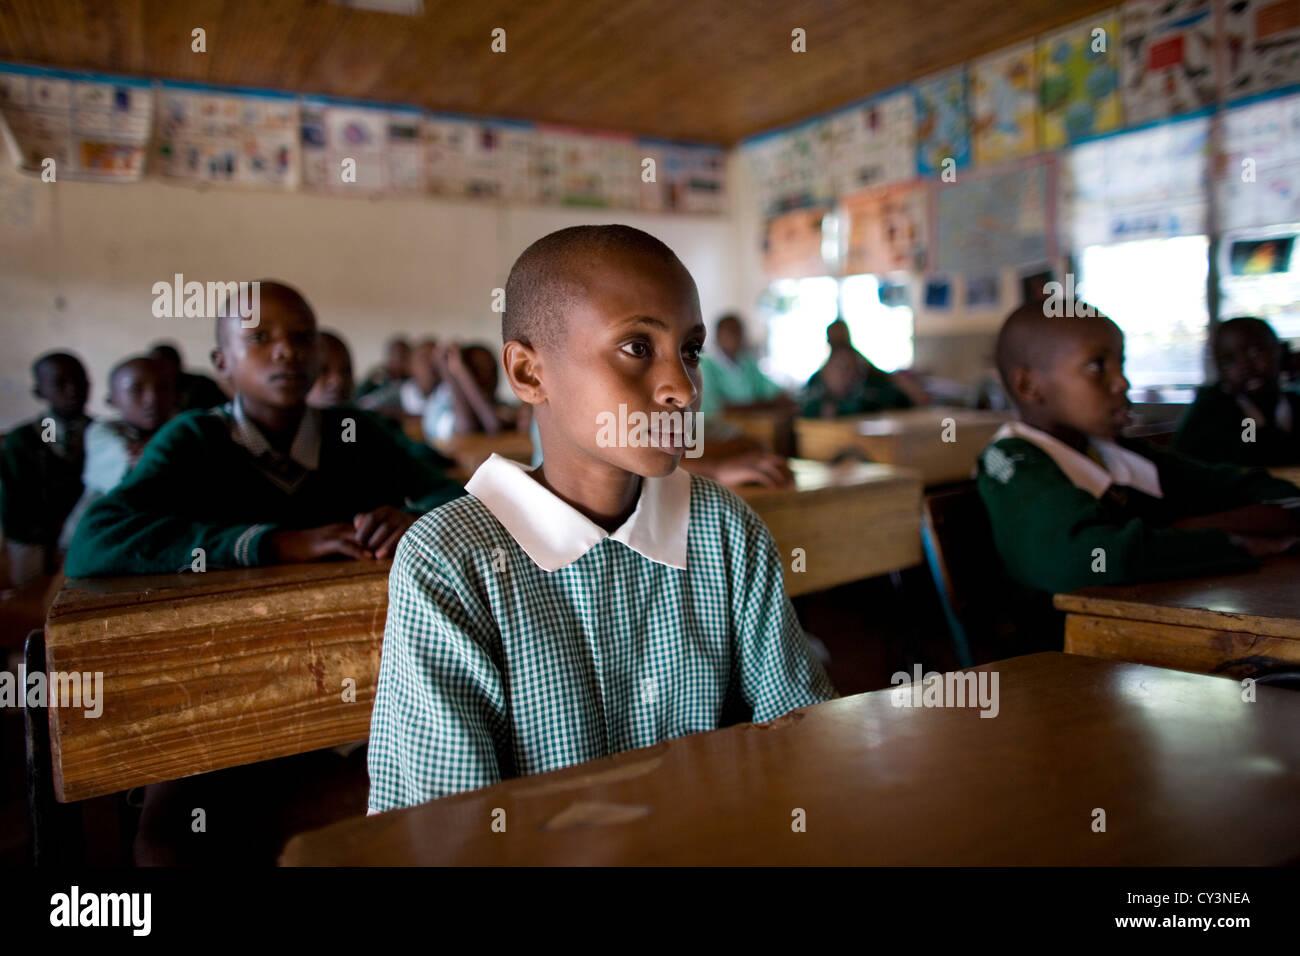 La escuela de la tribu Massai agricultores pobres de África la pobreza ma Imagen De Stock